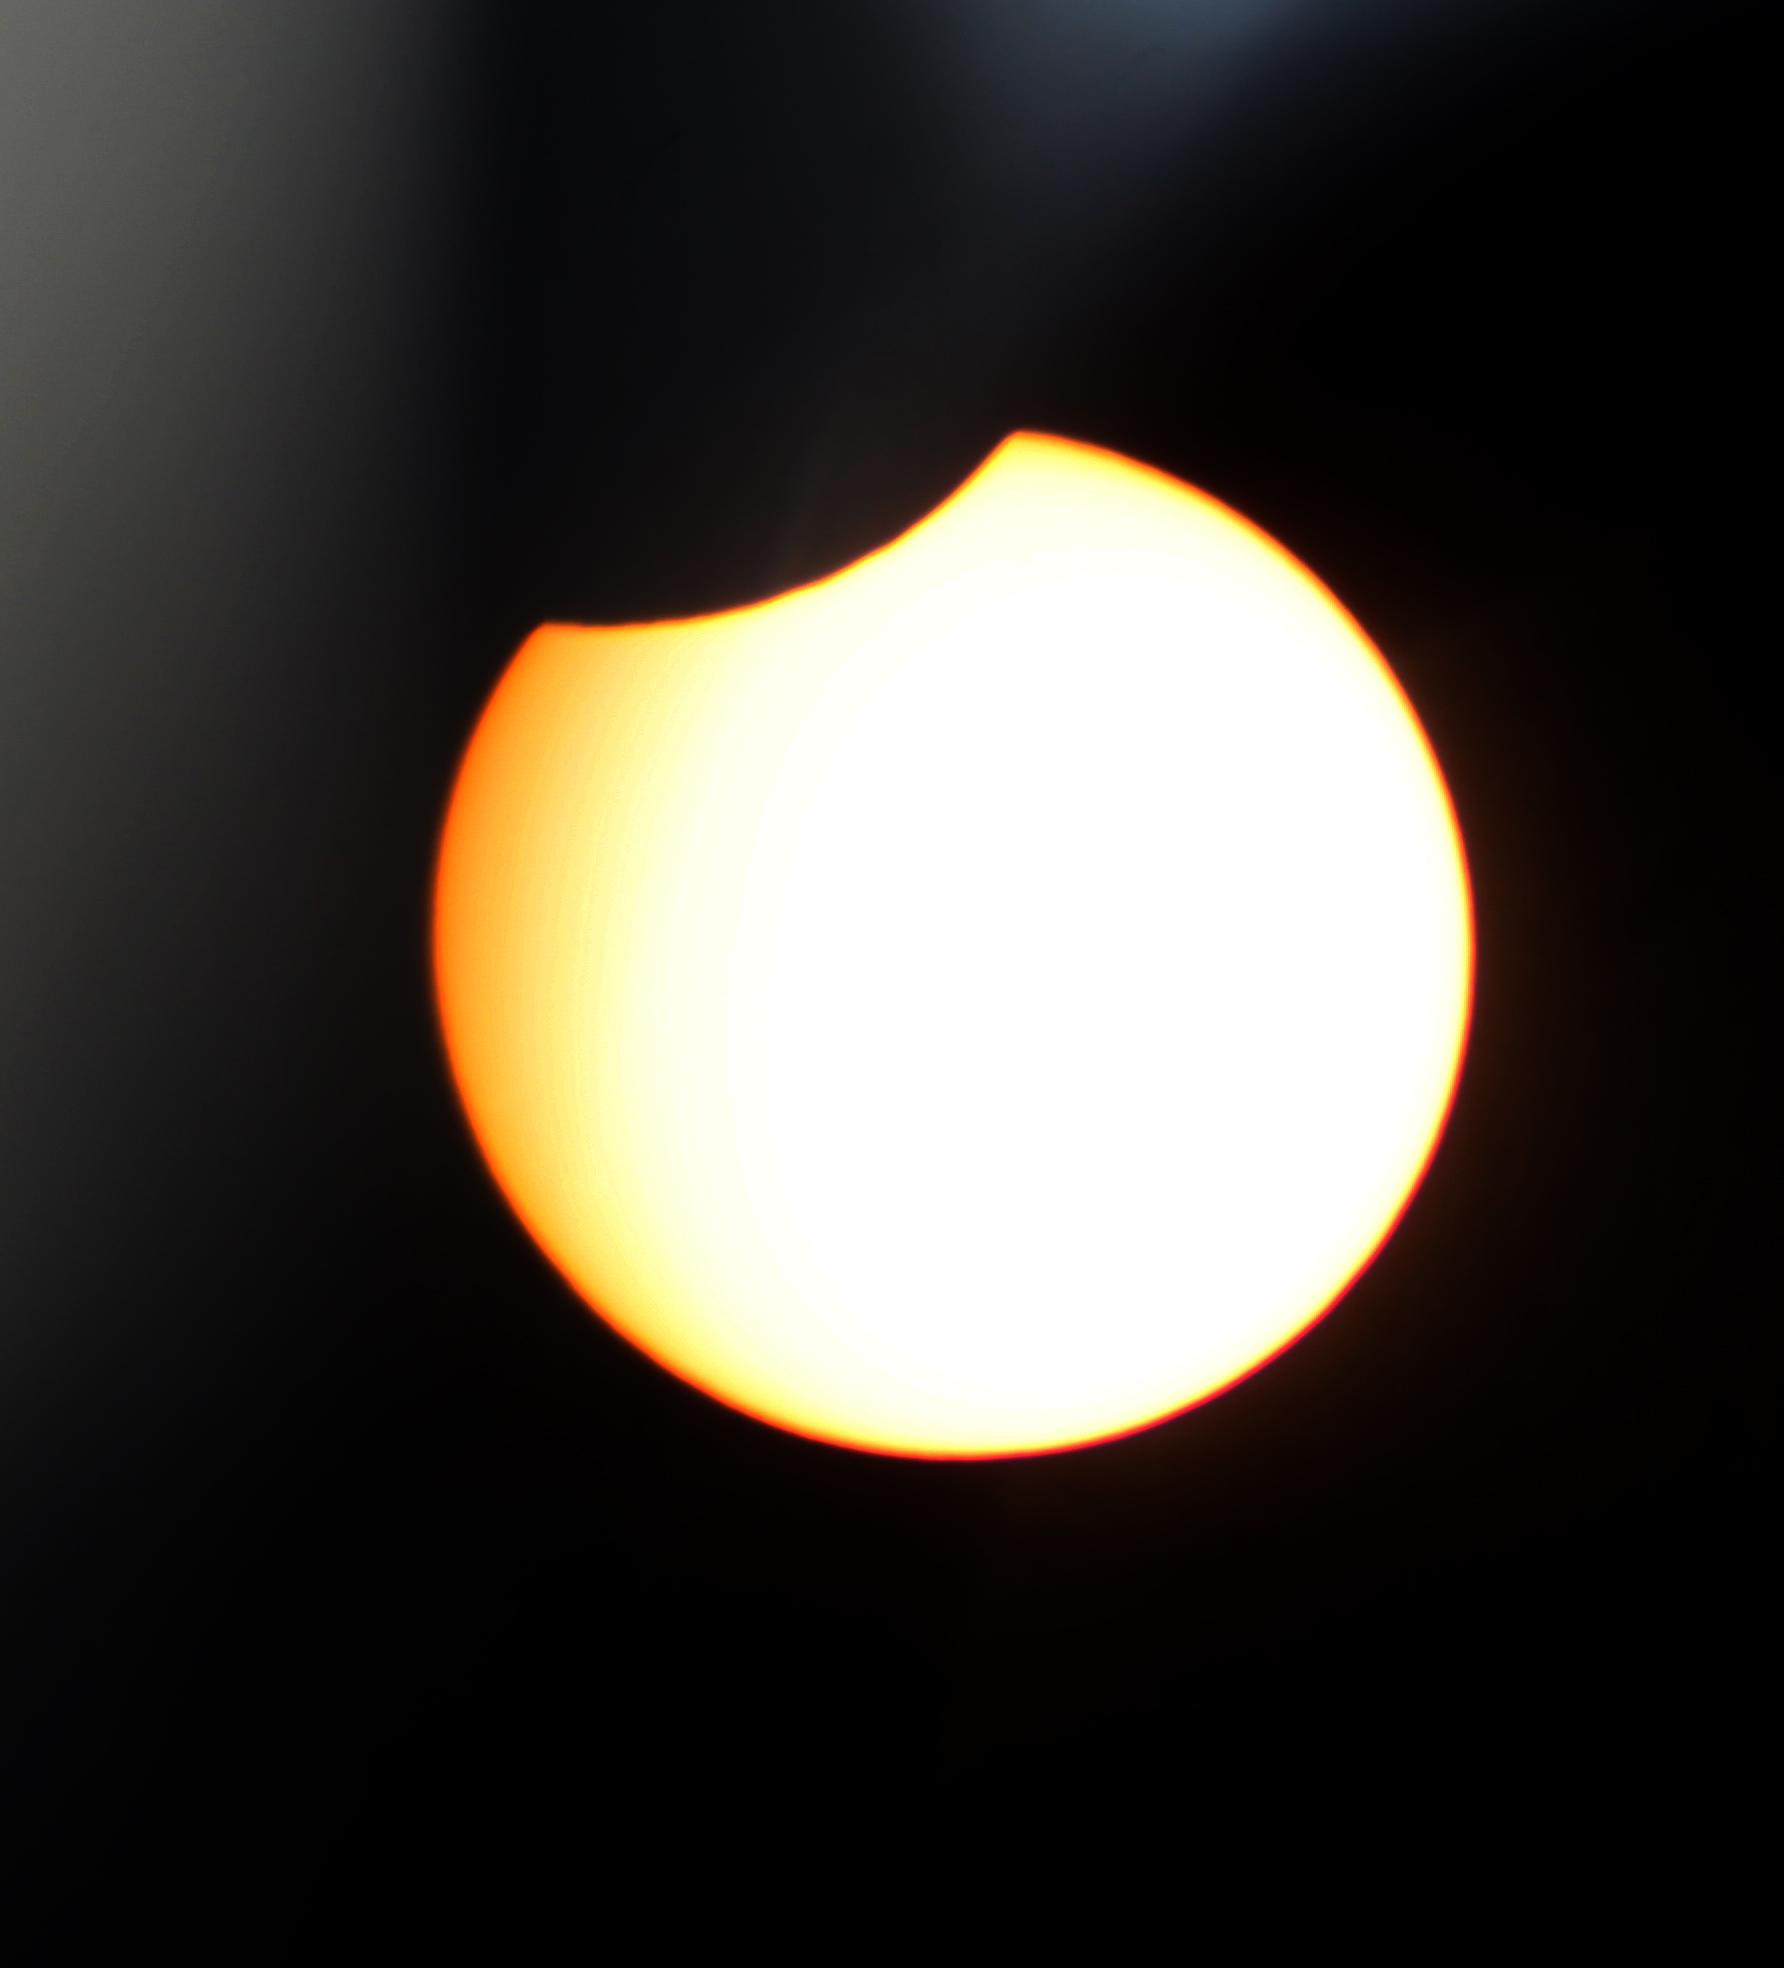 الشمس لحظة  الكسوف